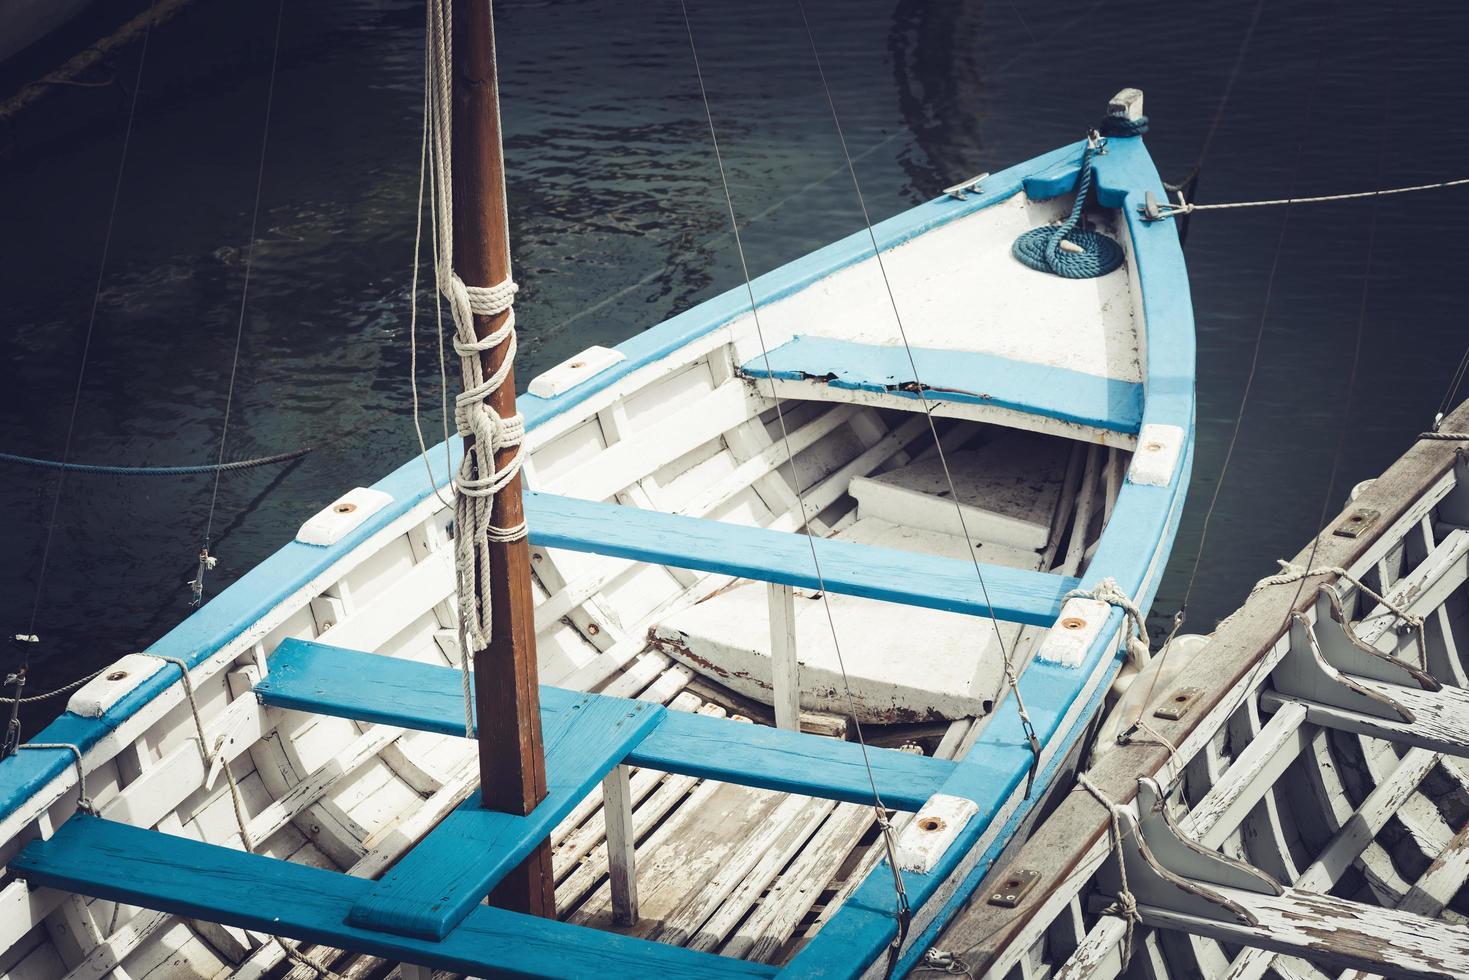 gammal fiskebåt ovanifrån foto